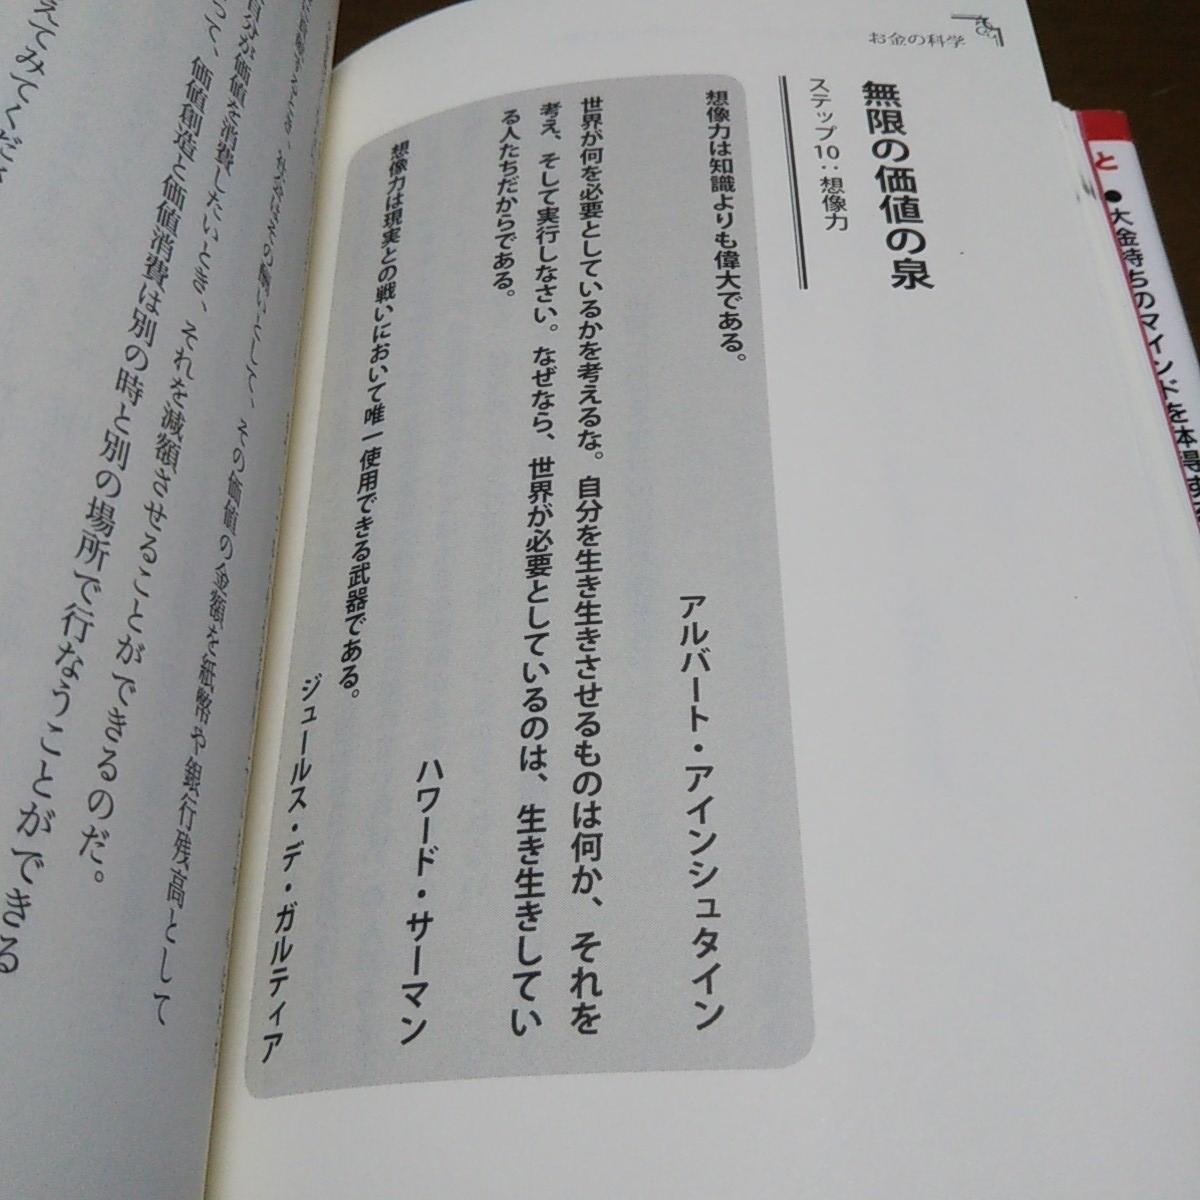 【即決】お金の科学 ジェームス・スキナー CD-ROM付 フォレスト出版 単行本_画像9